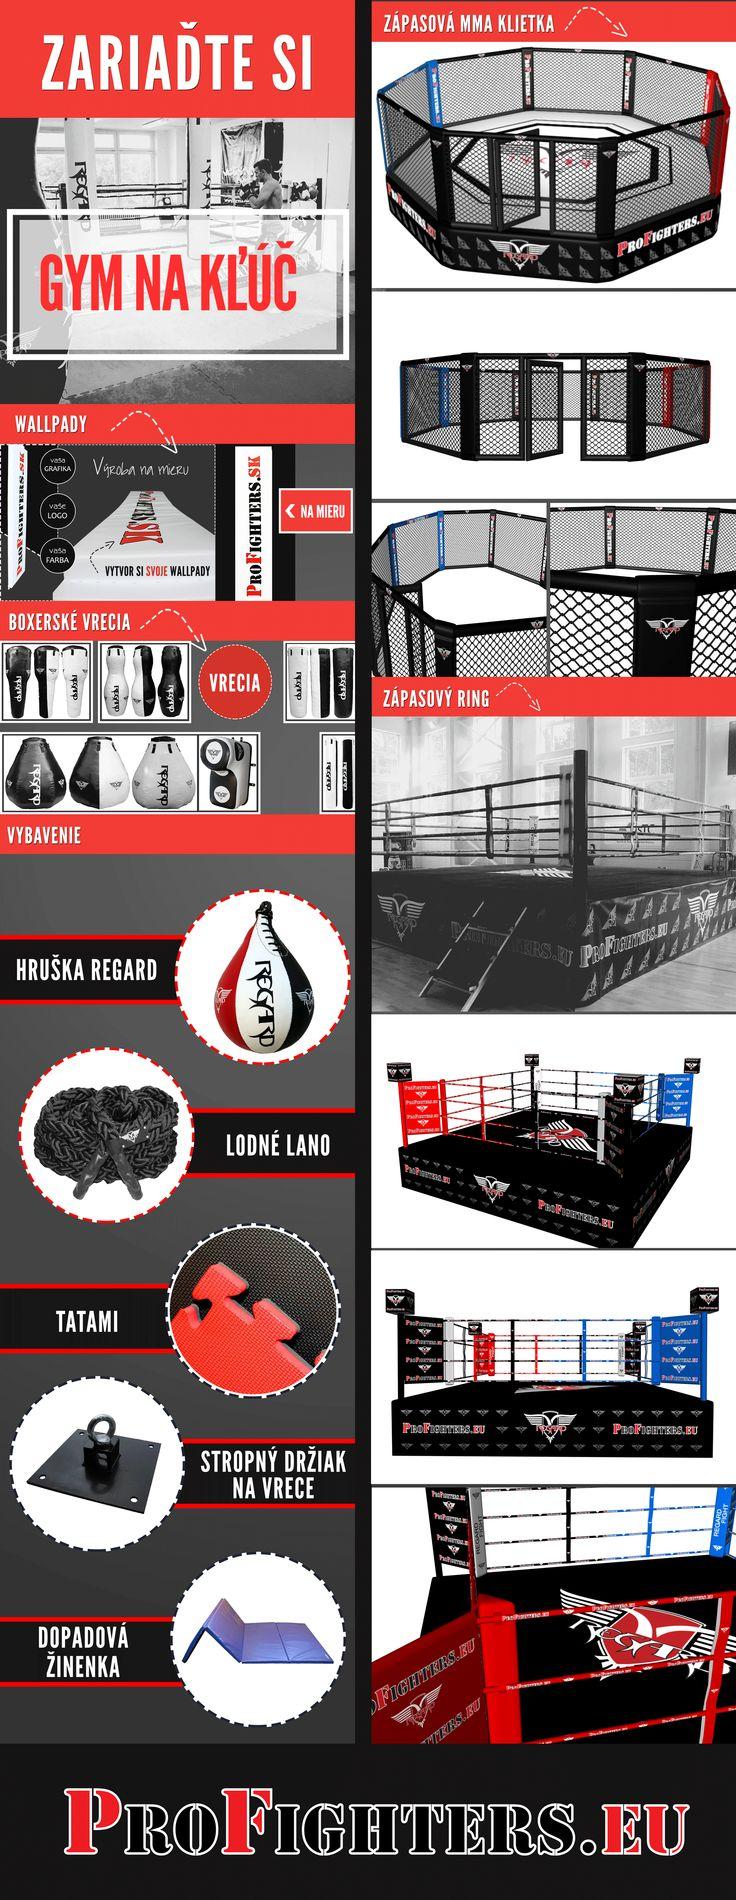 Zariadíme gym na kľúč!  www.profighters.eu